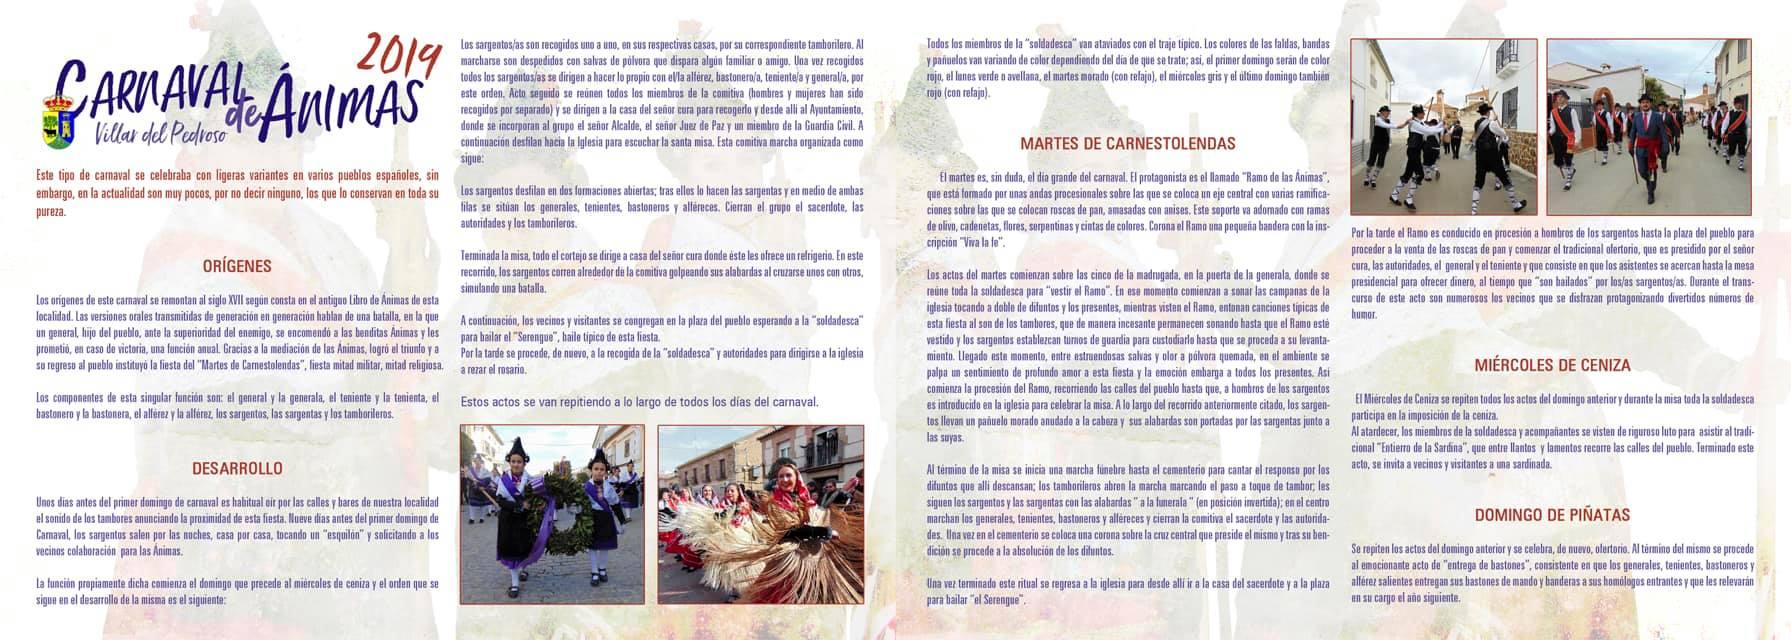 Carnaval de Ánimas 2019 3